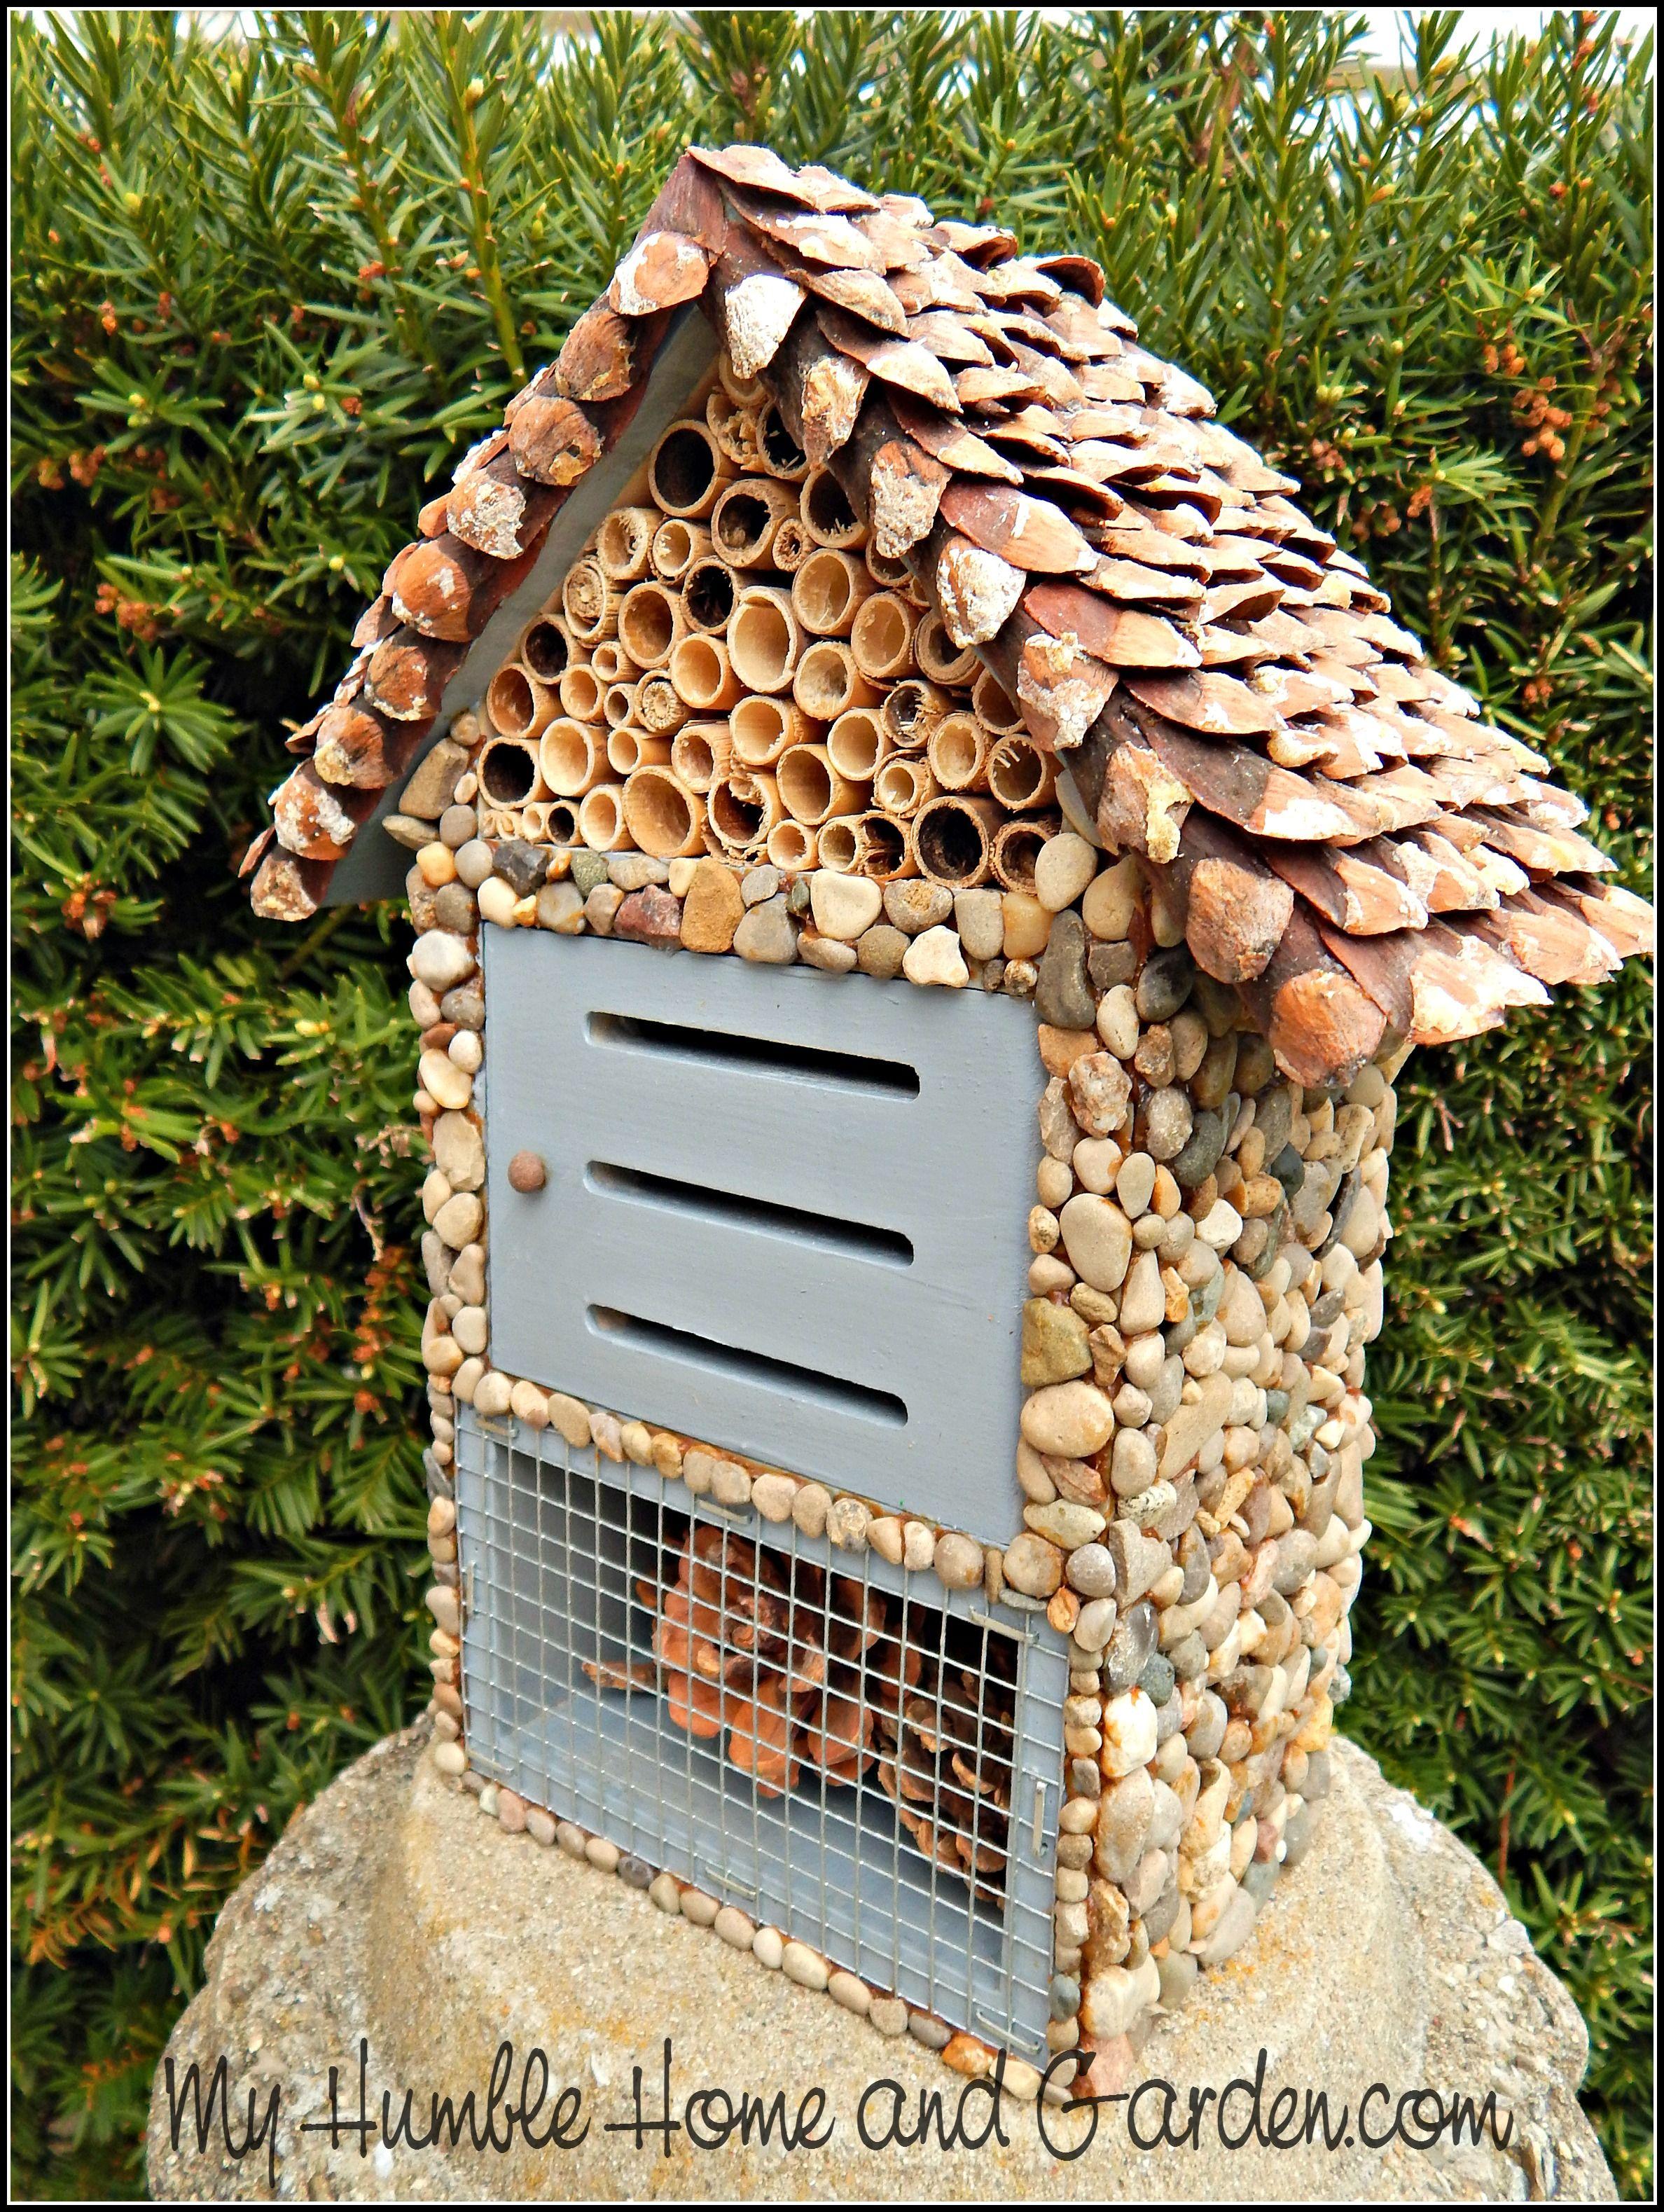 How To Make Your Own Adorable Ladybug House! Ladybug